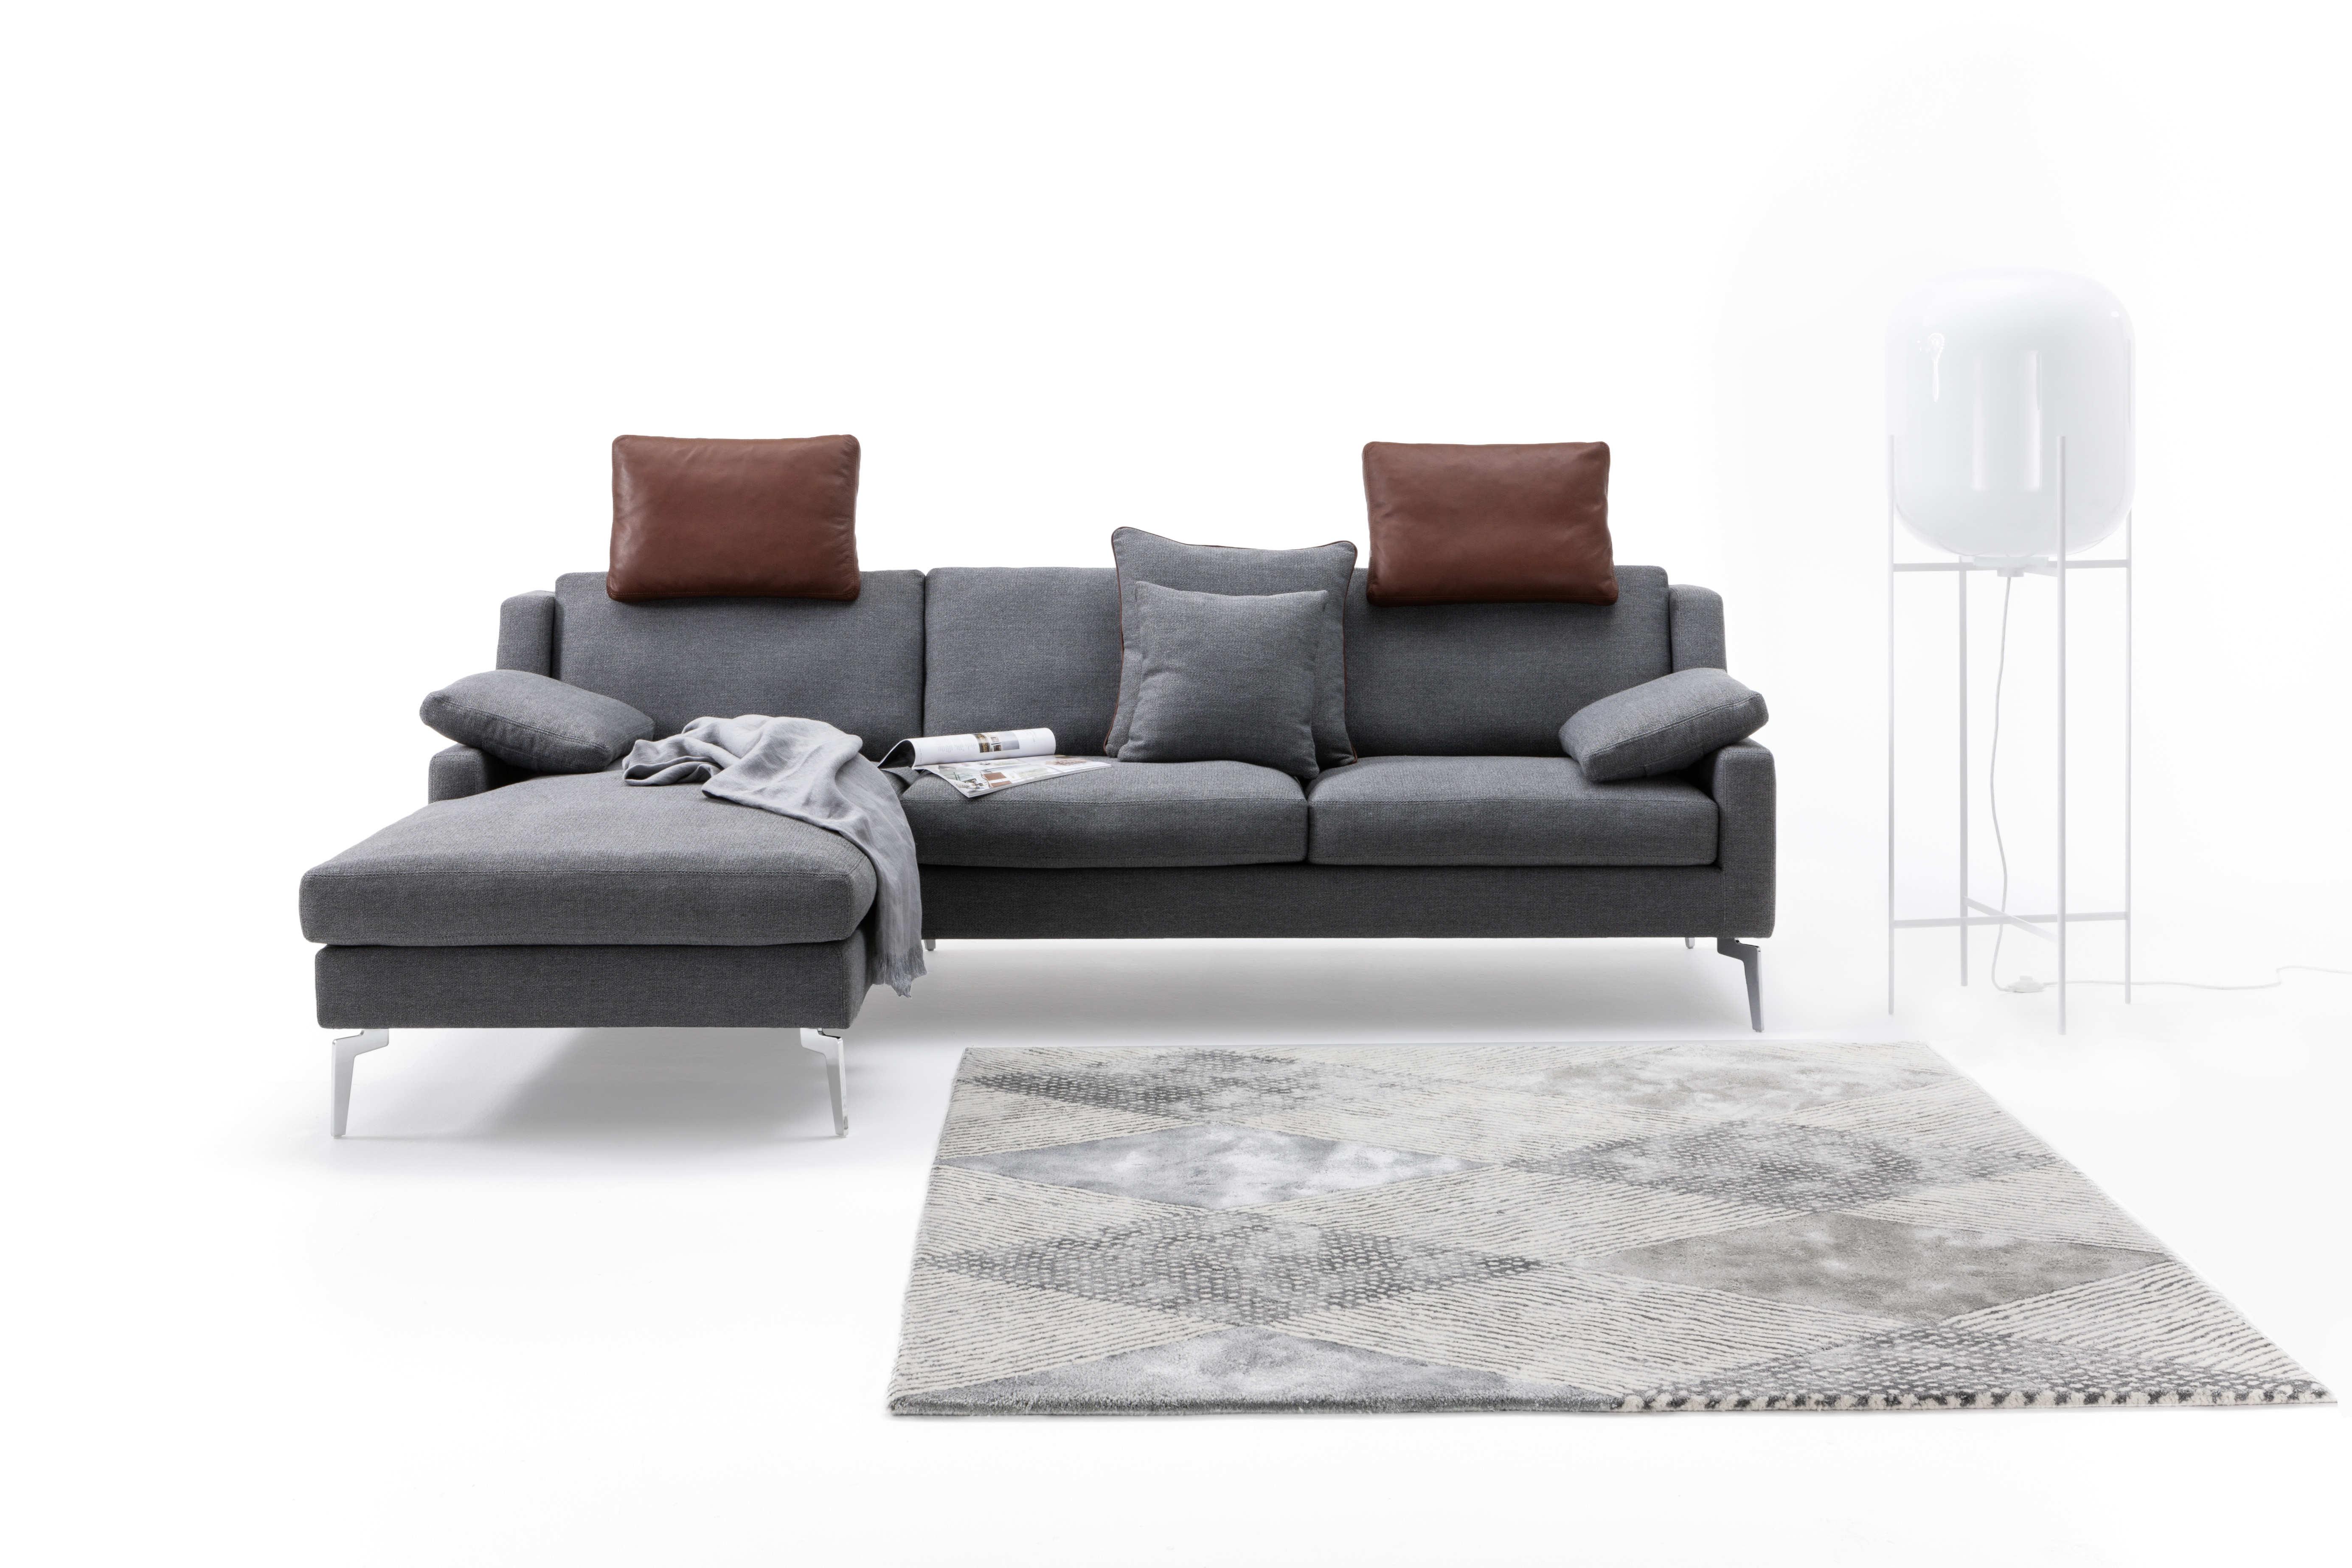 Nordisch inspirierend – Sofa Skagen von Werther Möbelmanufaktur